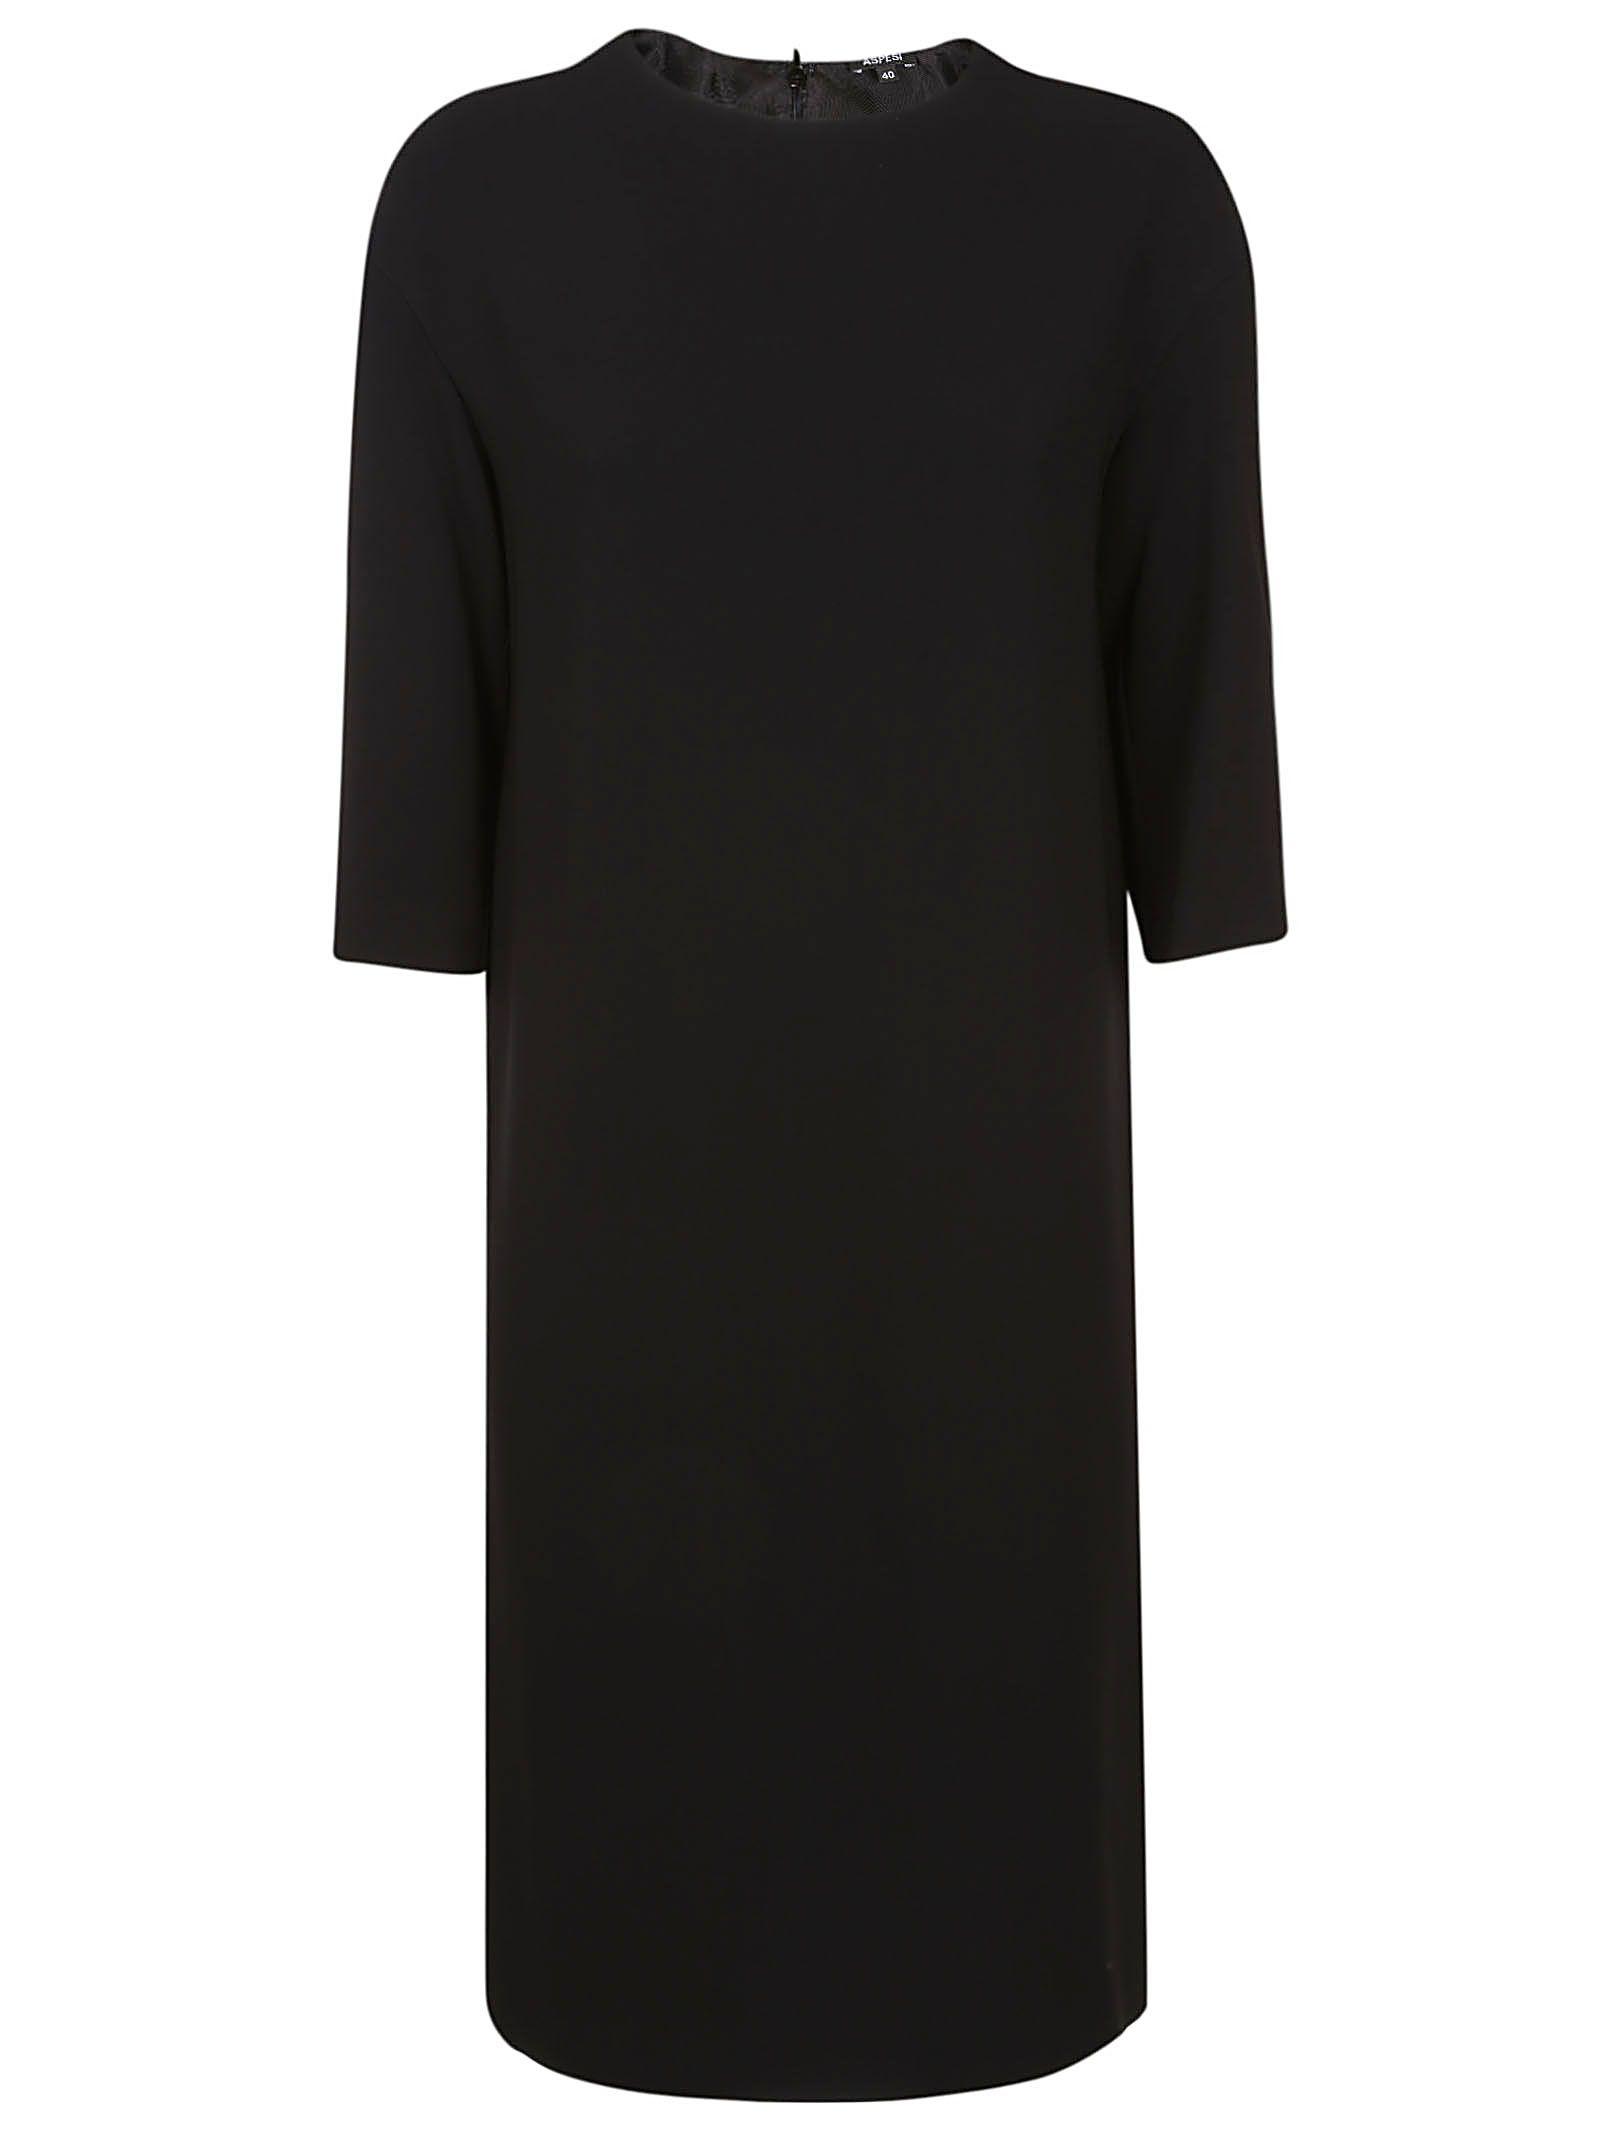 STRAIGHT FIT DRESS